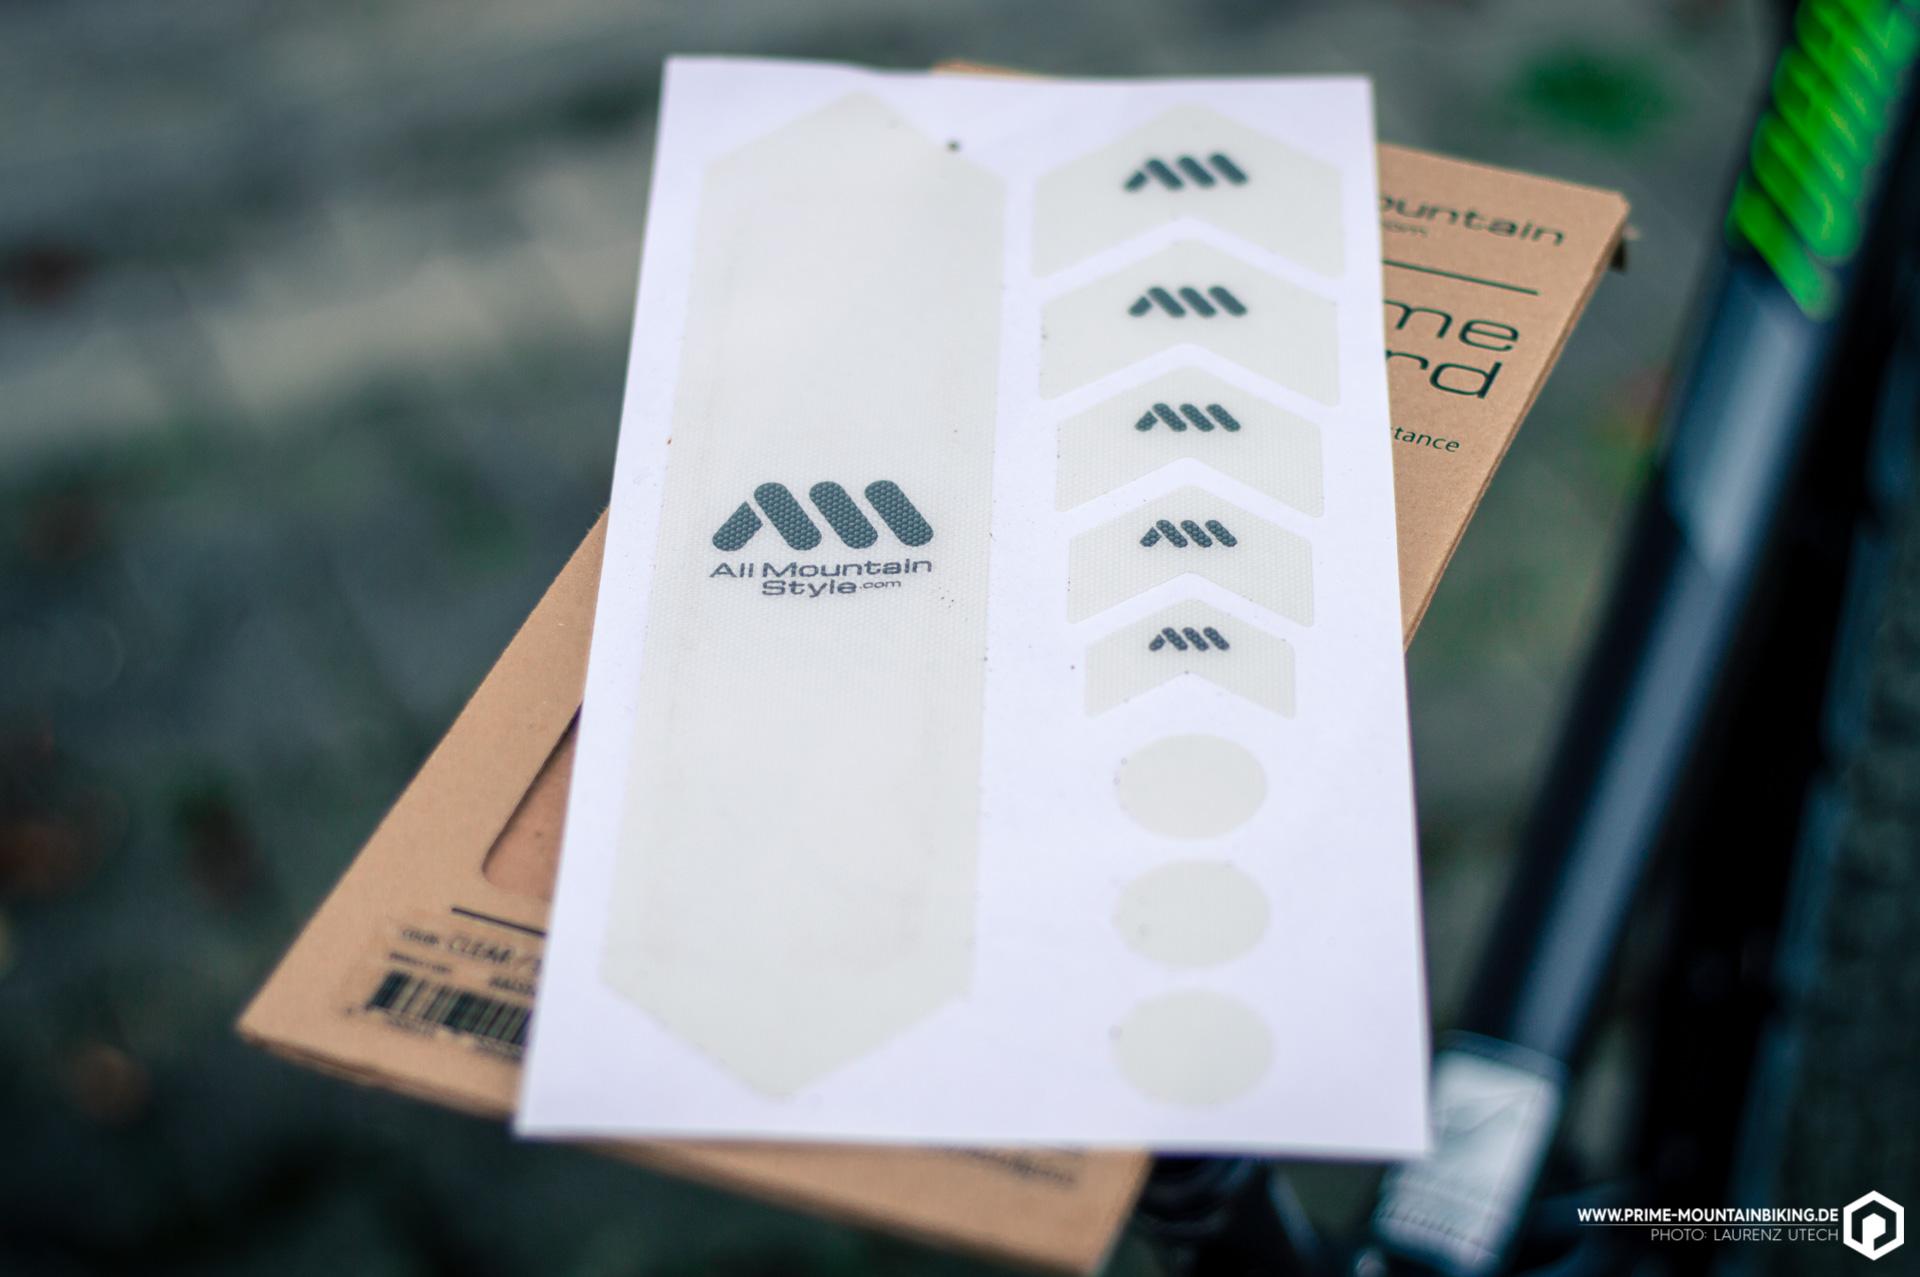 Das Honeycomb Frame Guard Set umfasst neun Sticker, die entsprechend ihrer Größe an den unterschiedlichsten Stellen am Rahmen angebracht werden können.